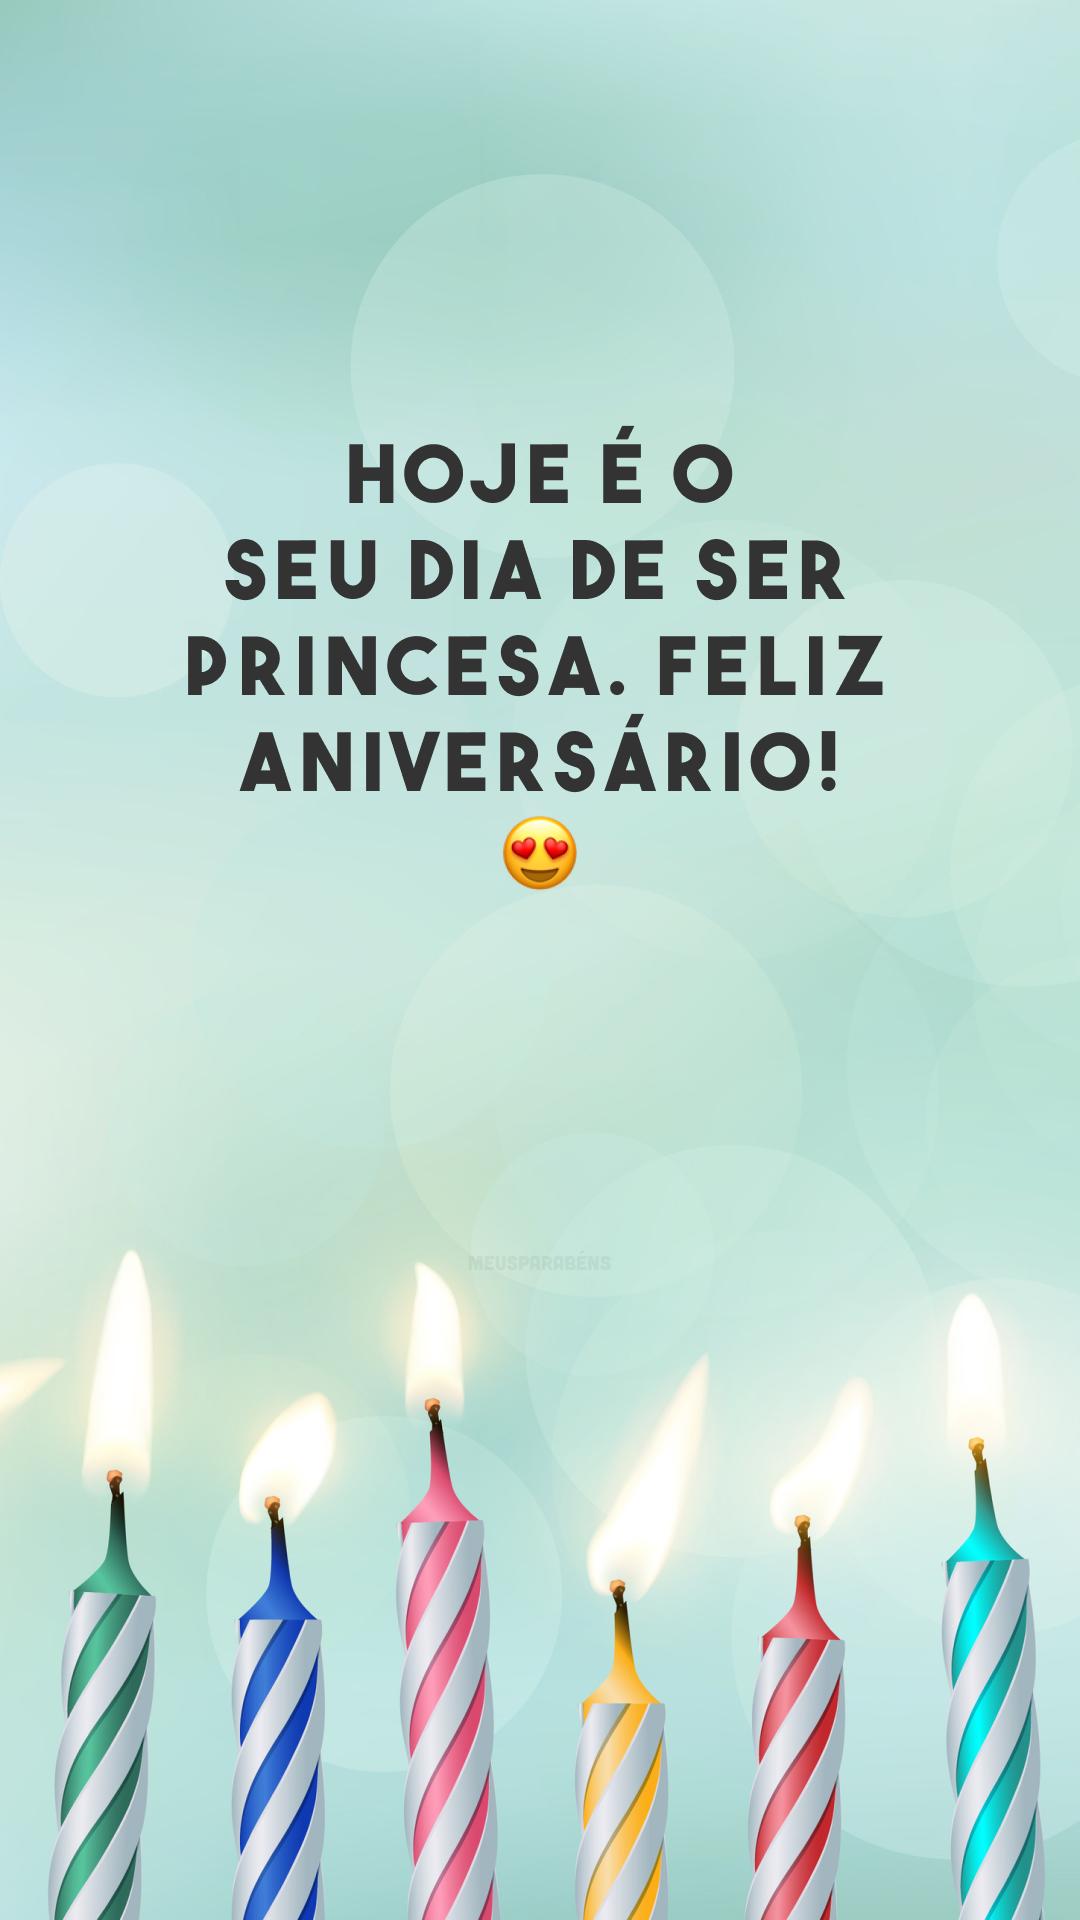 Hoje é o seu dia de ser princesa. Feliz aniversário! 😍